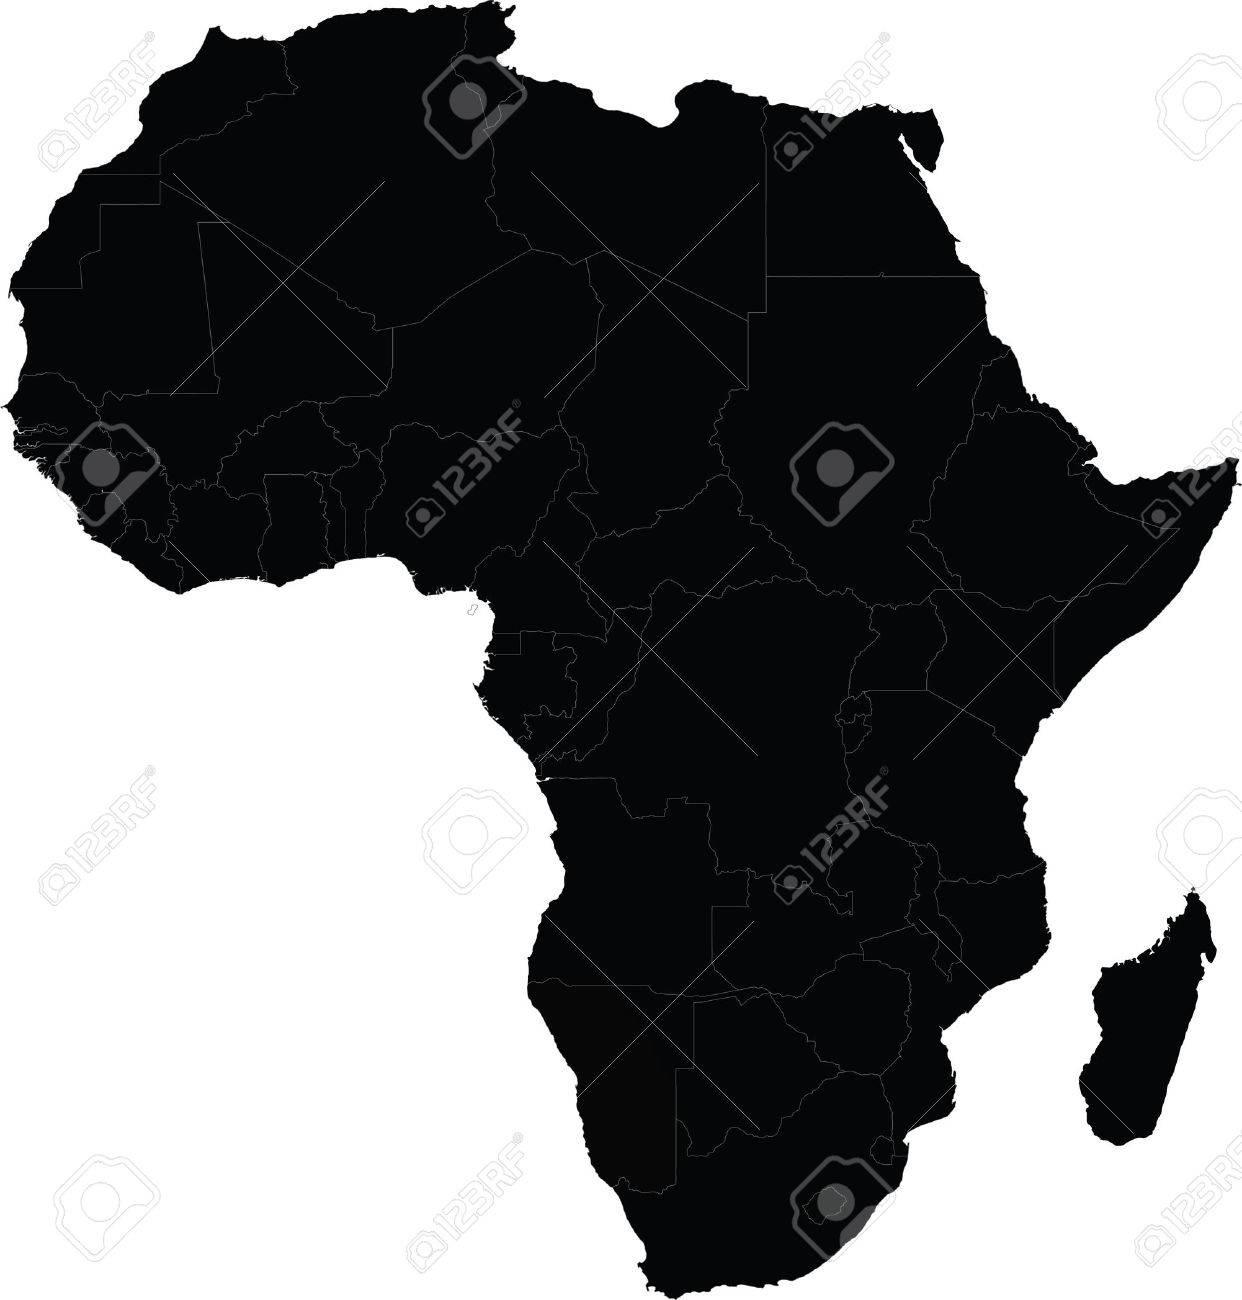 Carte Afrique Vectorielle.Carte De L Afrique Vecteur Avec Les Frontieres Des Pays